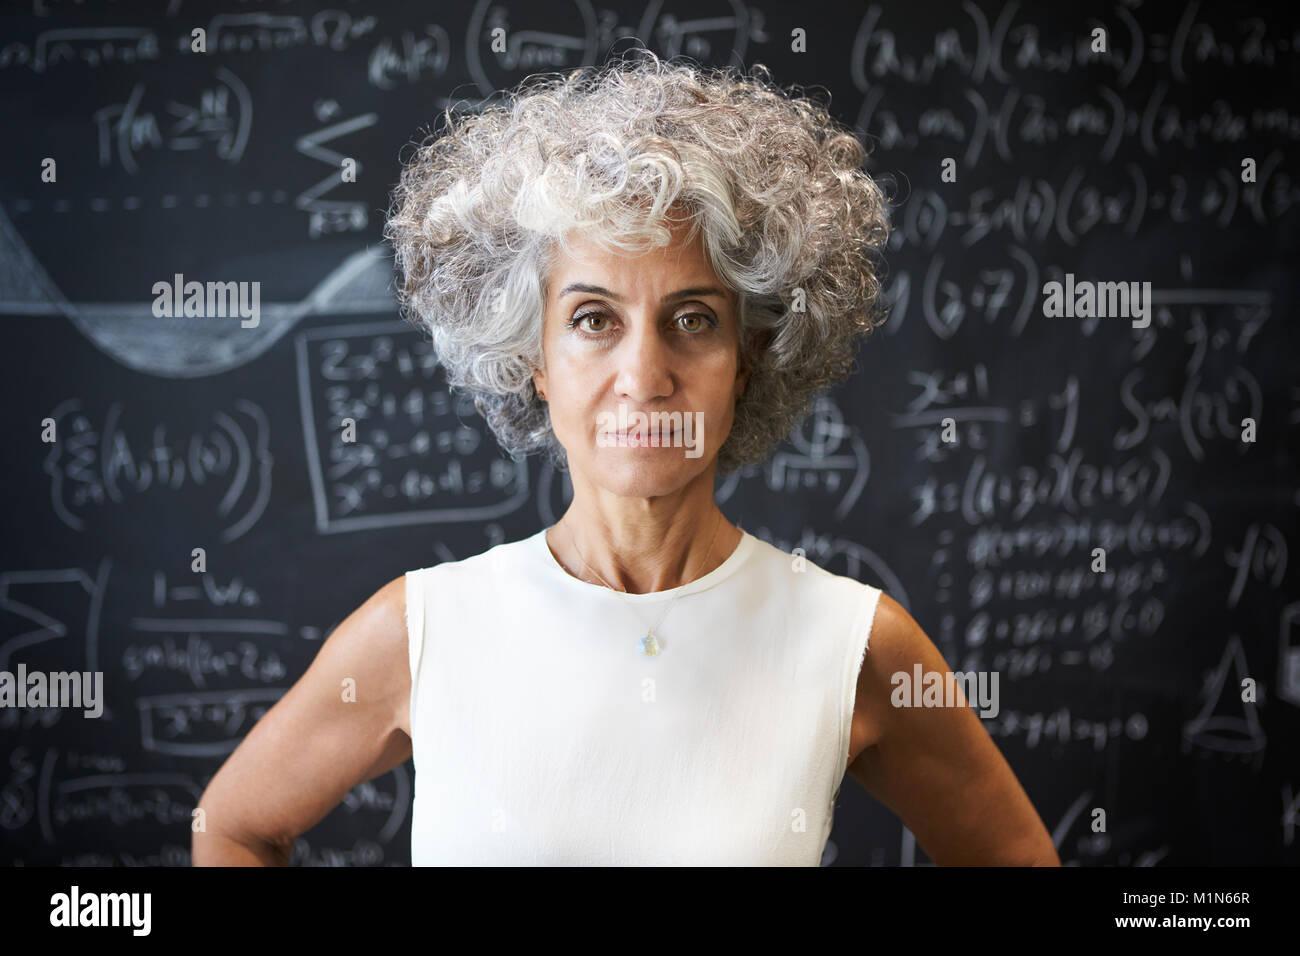 Académico de mediana edad mujer delante de Blackboard Imagen De Stock